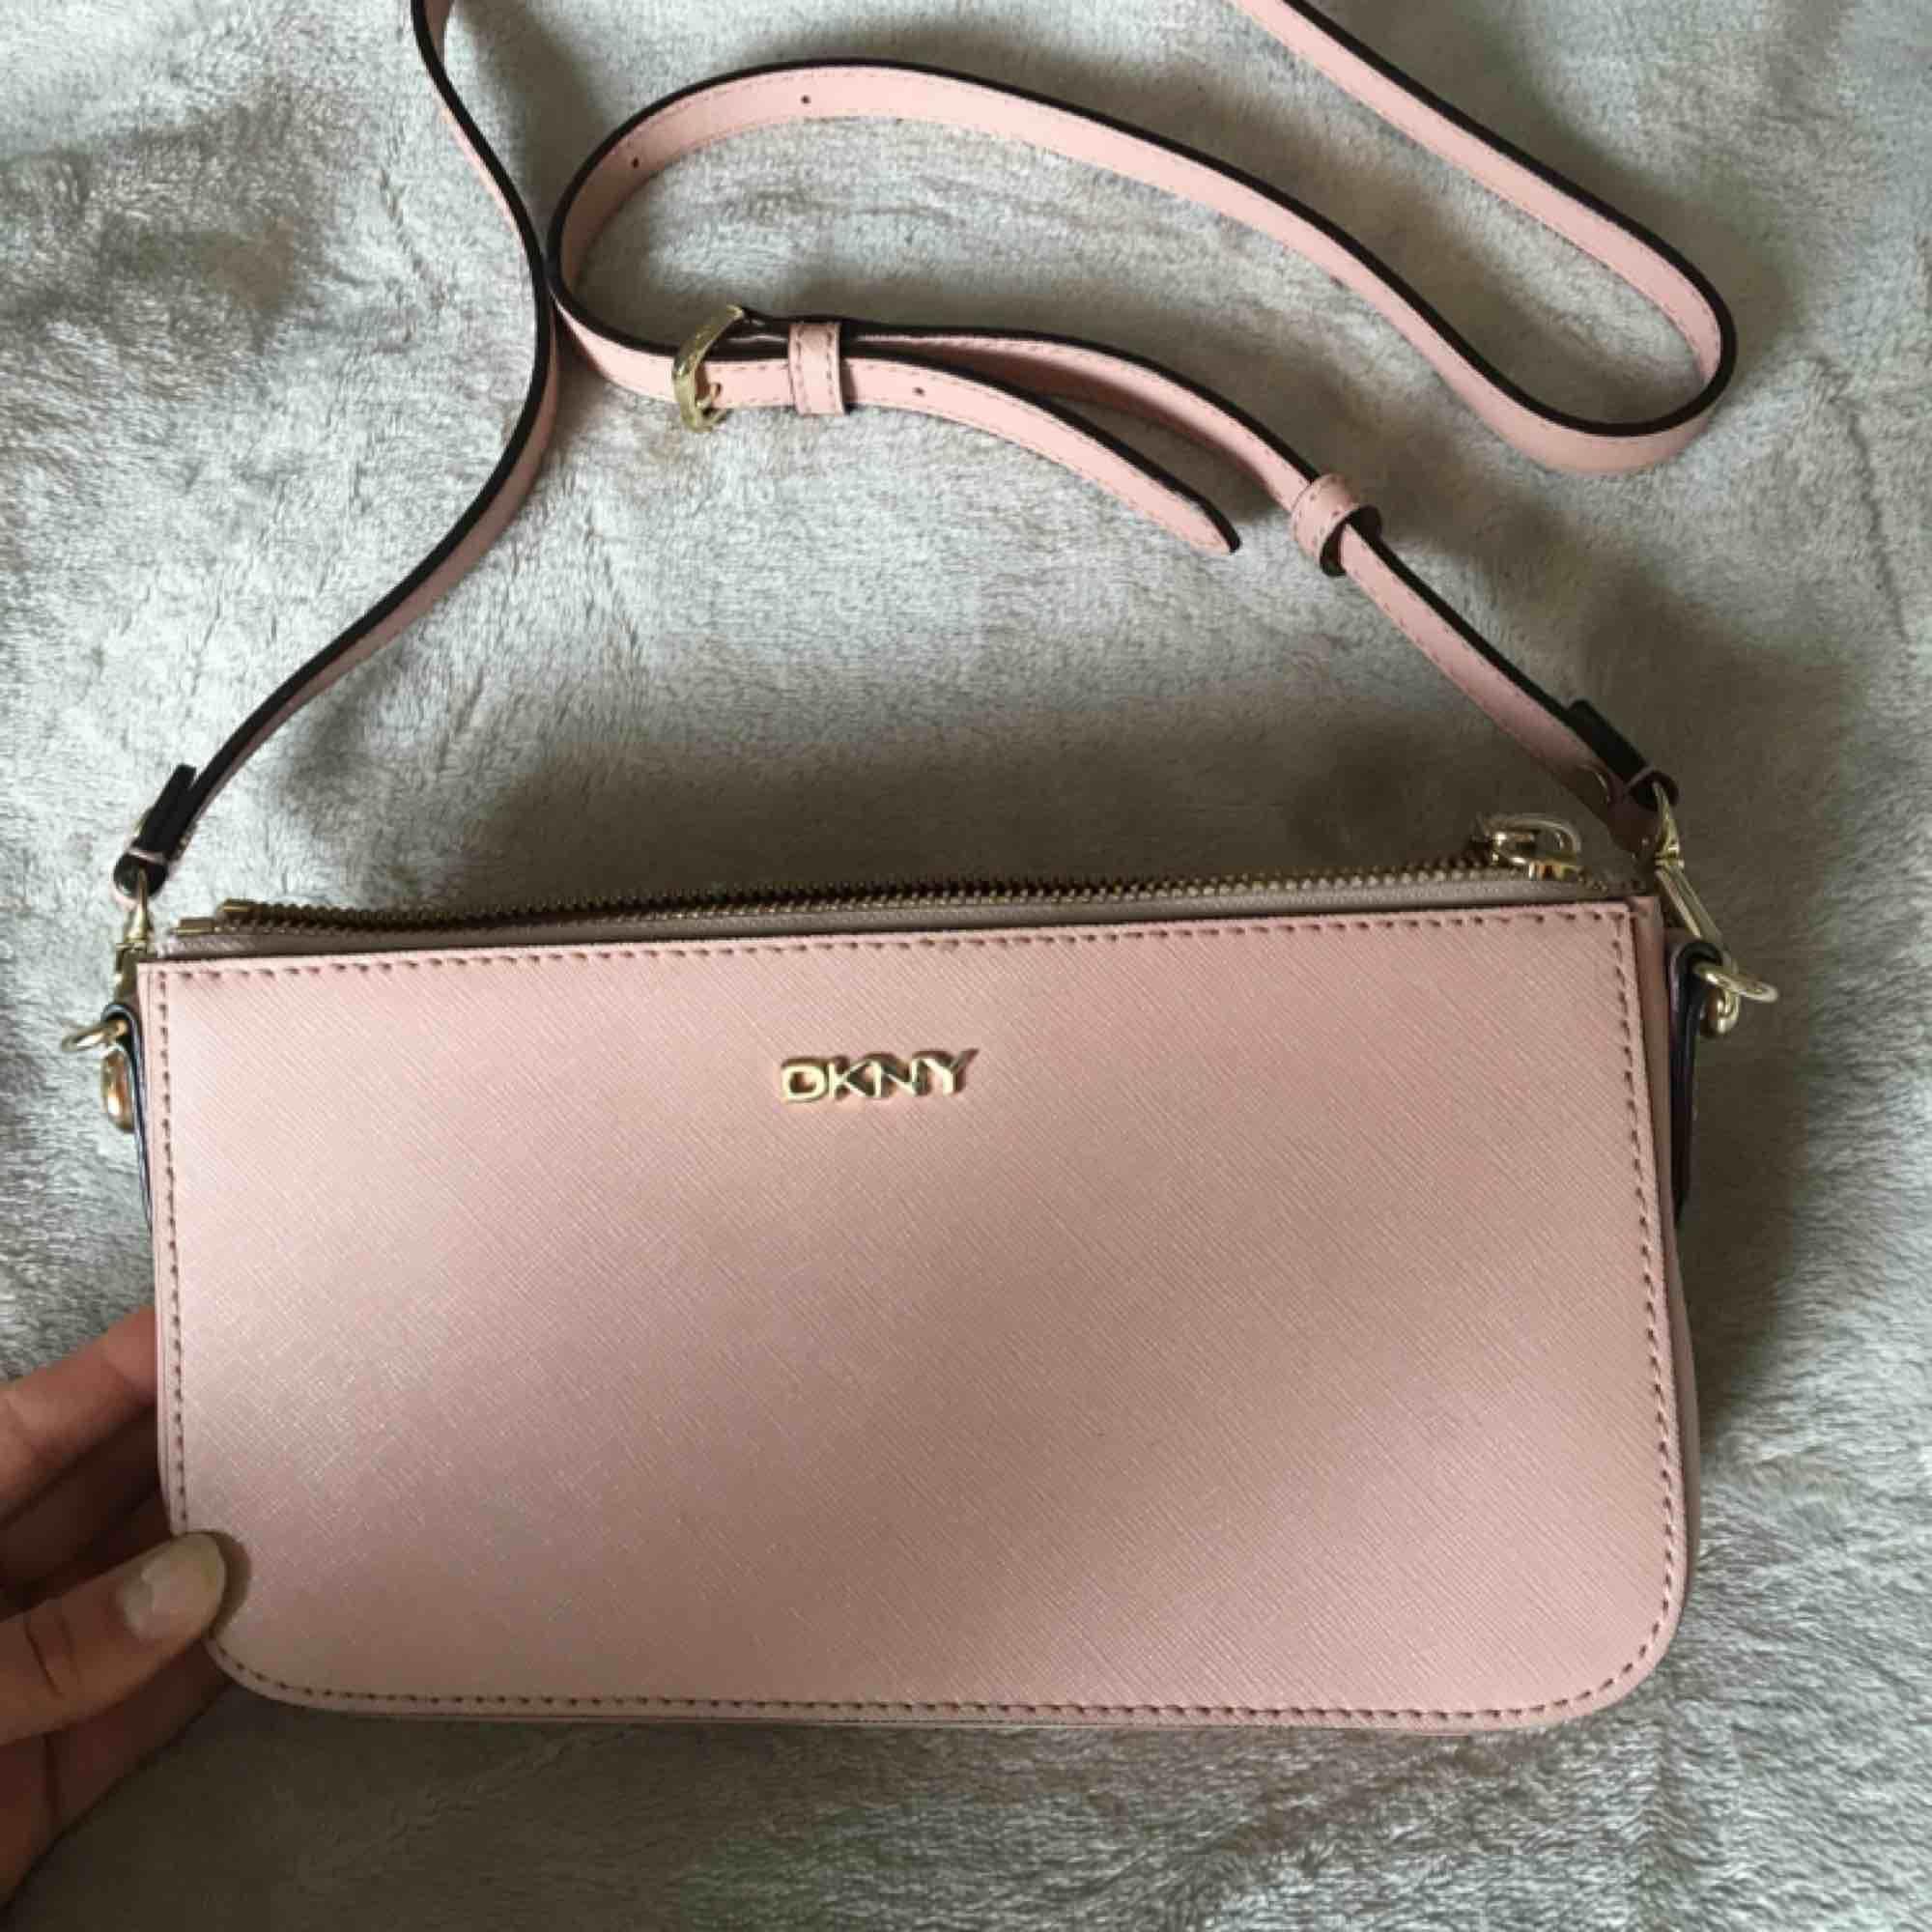 DKNY väska med två olika band. Superfin nude rosa färg som passar med det mesta. Perfekta festväskan. Väskor.